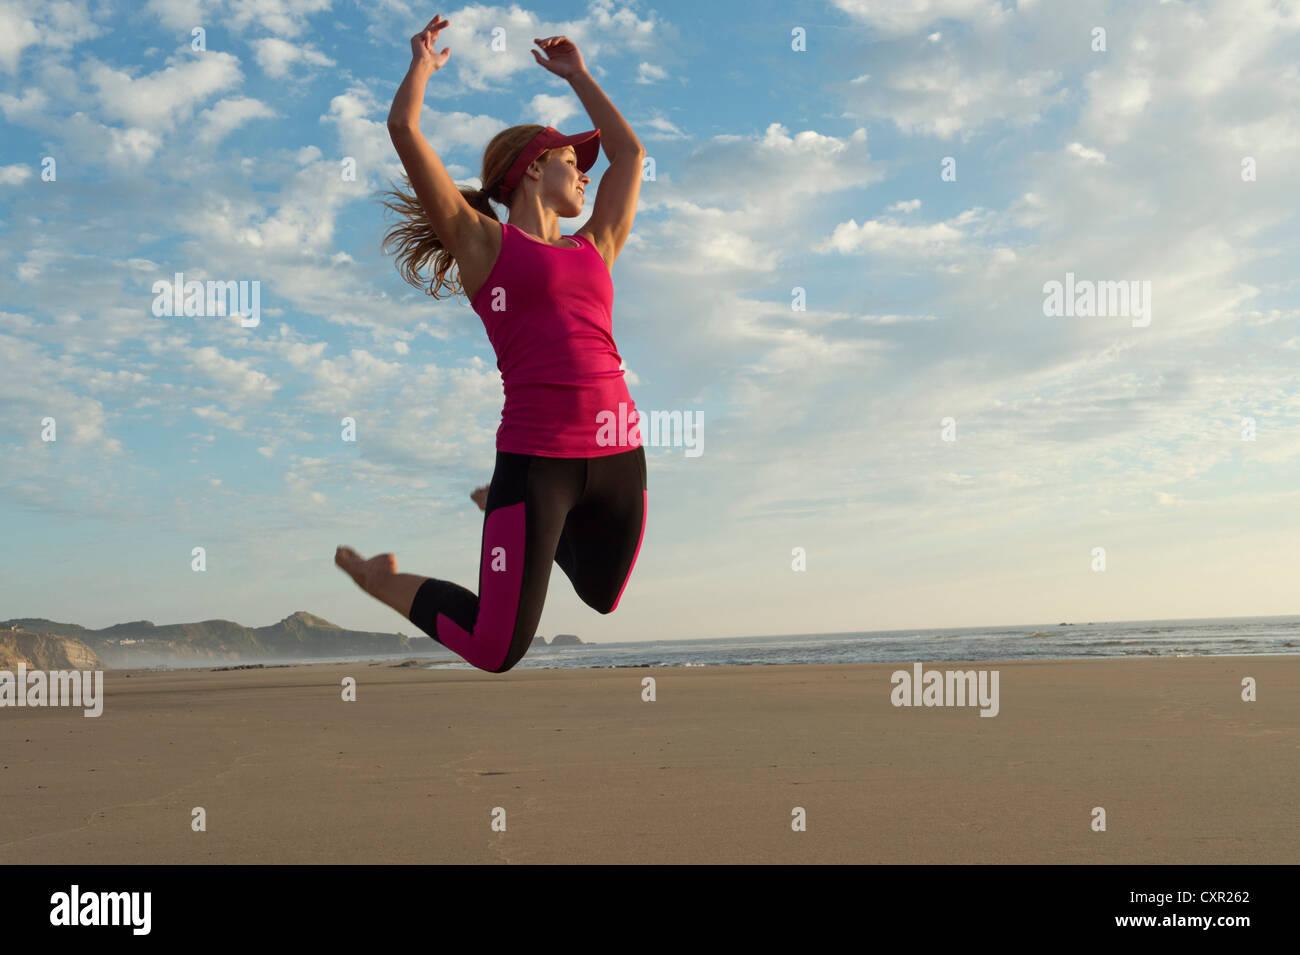 Junge Frau am Strand in die Luft springen Stockbild